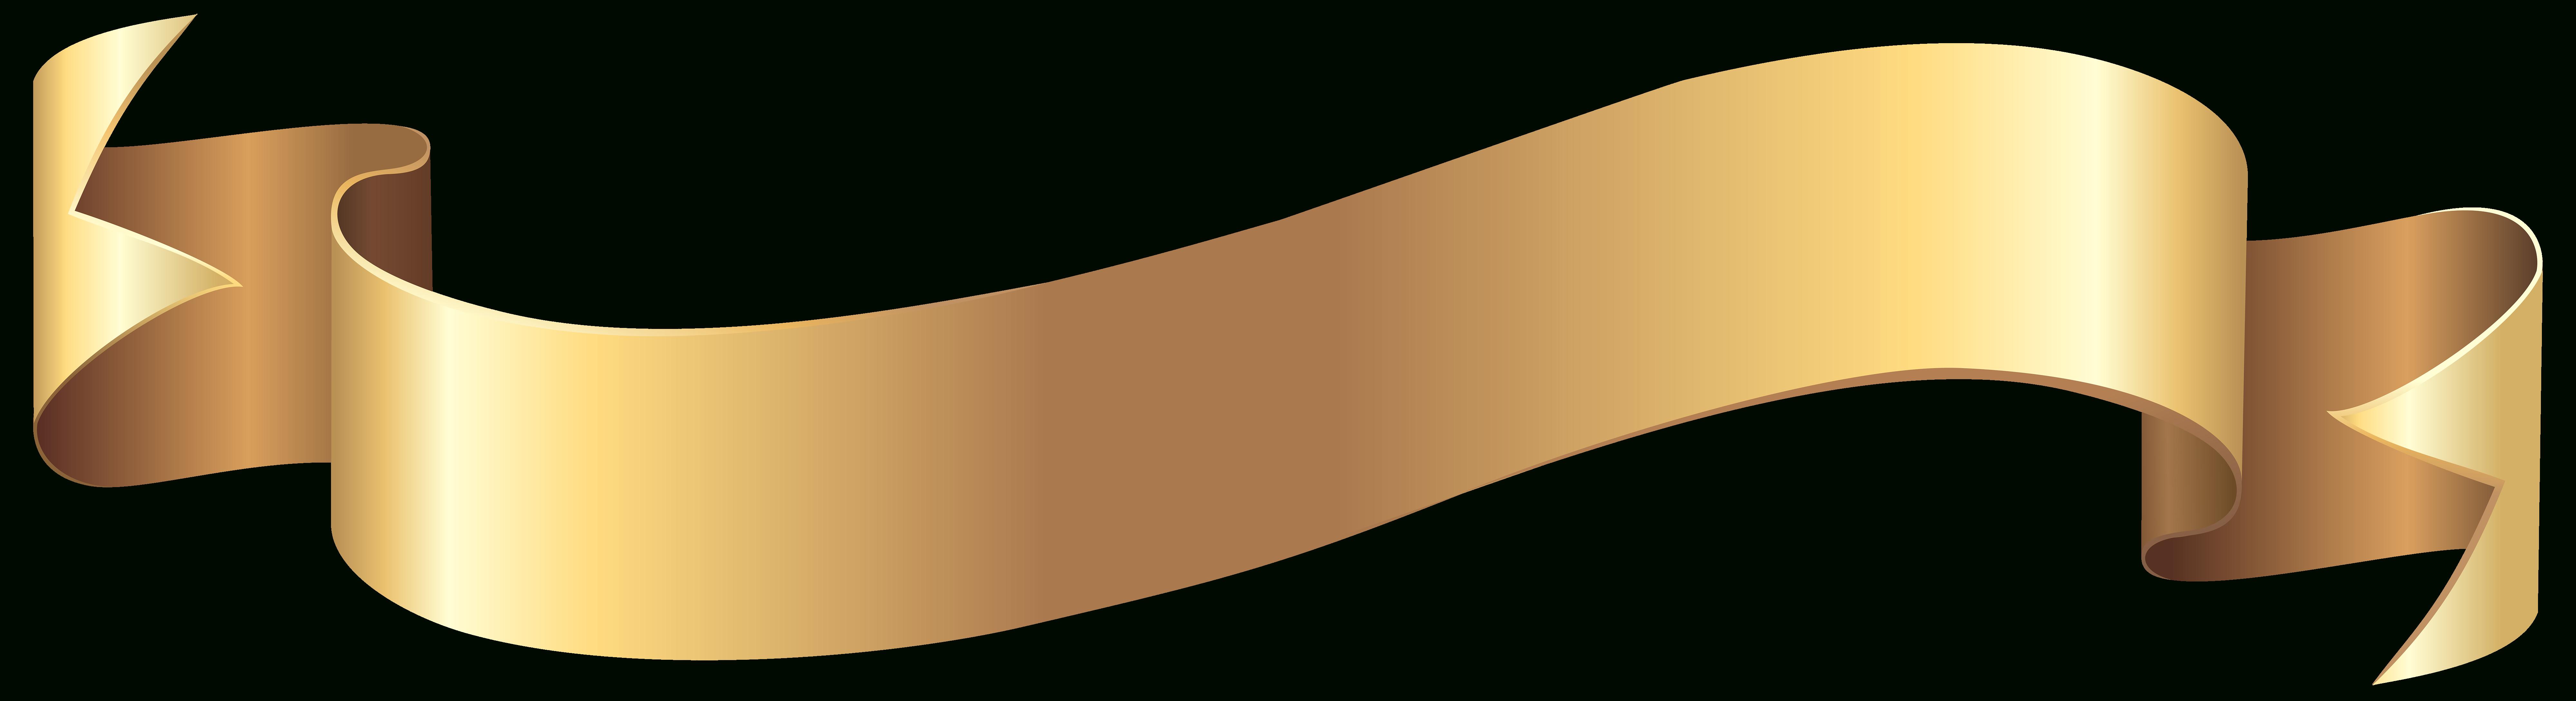 Gold clip art banners. Watermelon clipart banner